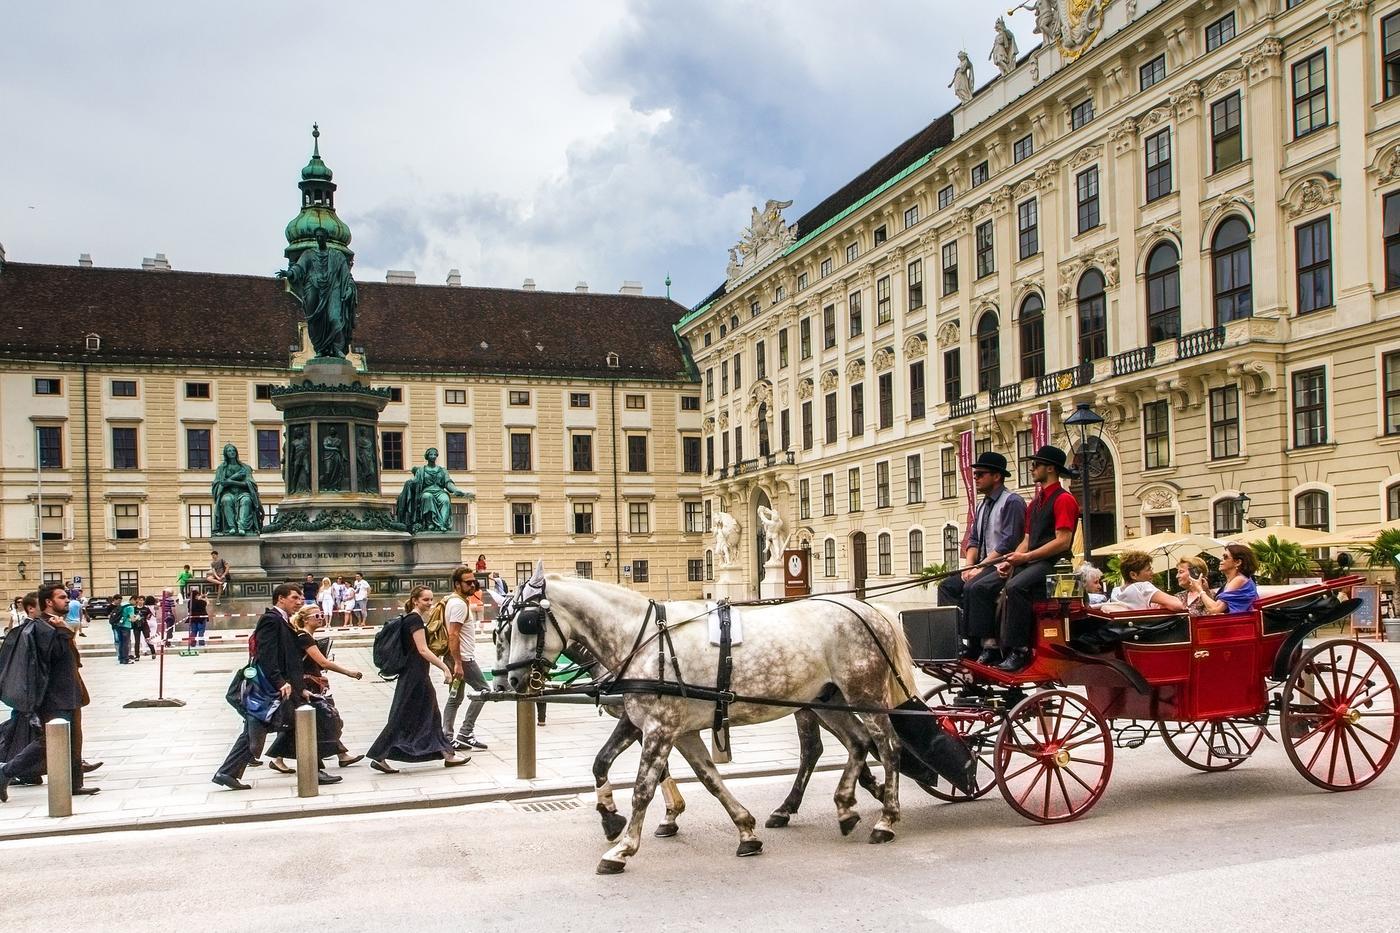 Fiaker fährt vor Hofburg im 1. Bezirk von Wien